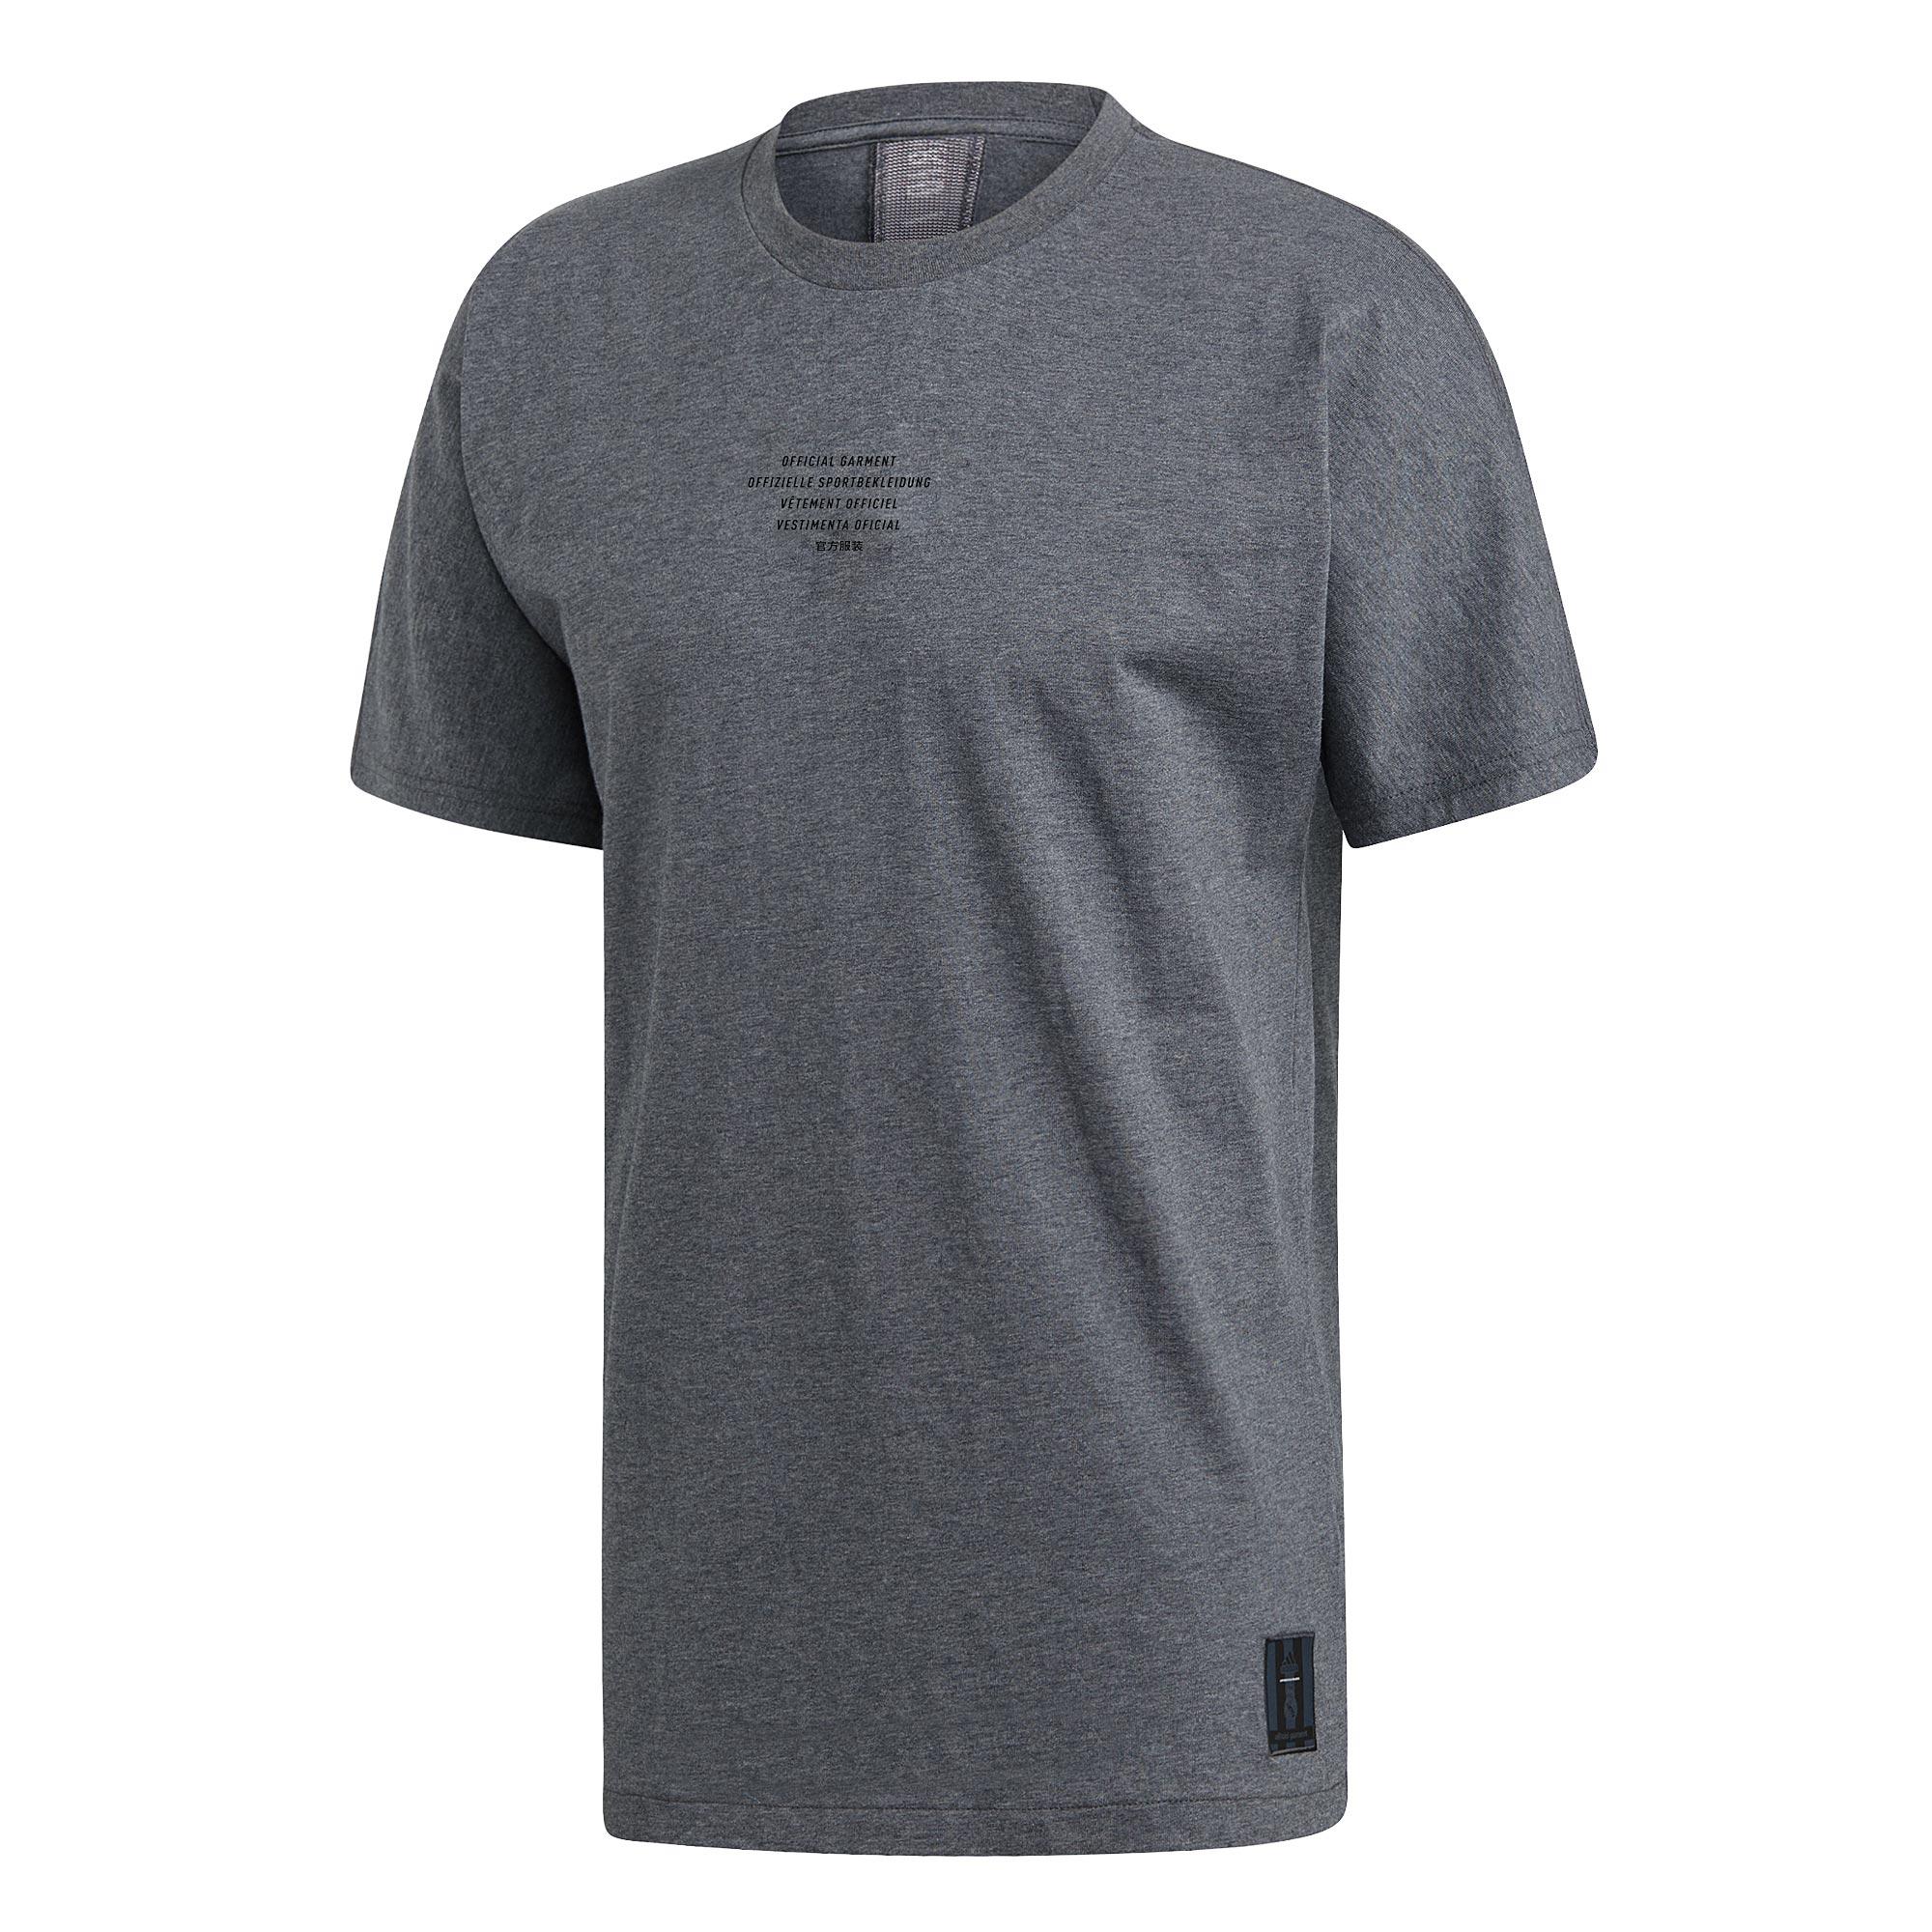 Camiseta SSP del Real Madrid en gris